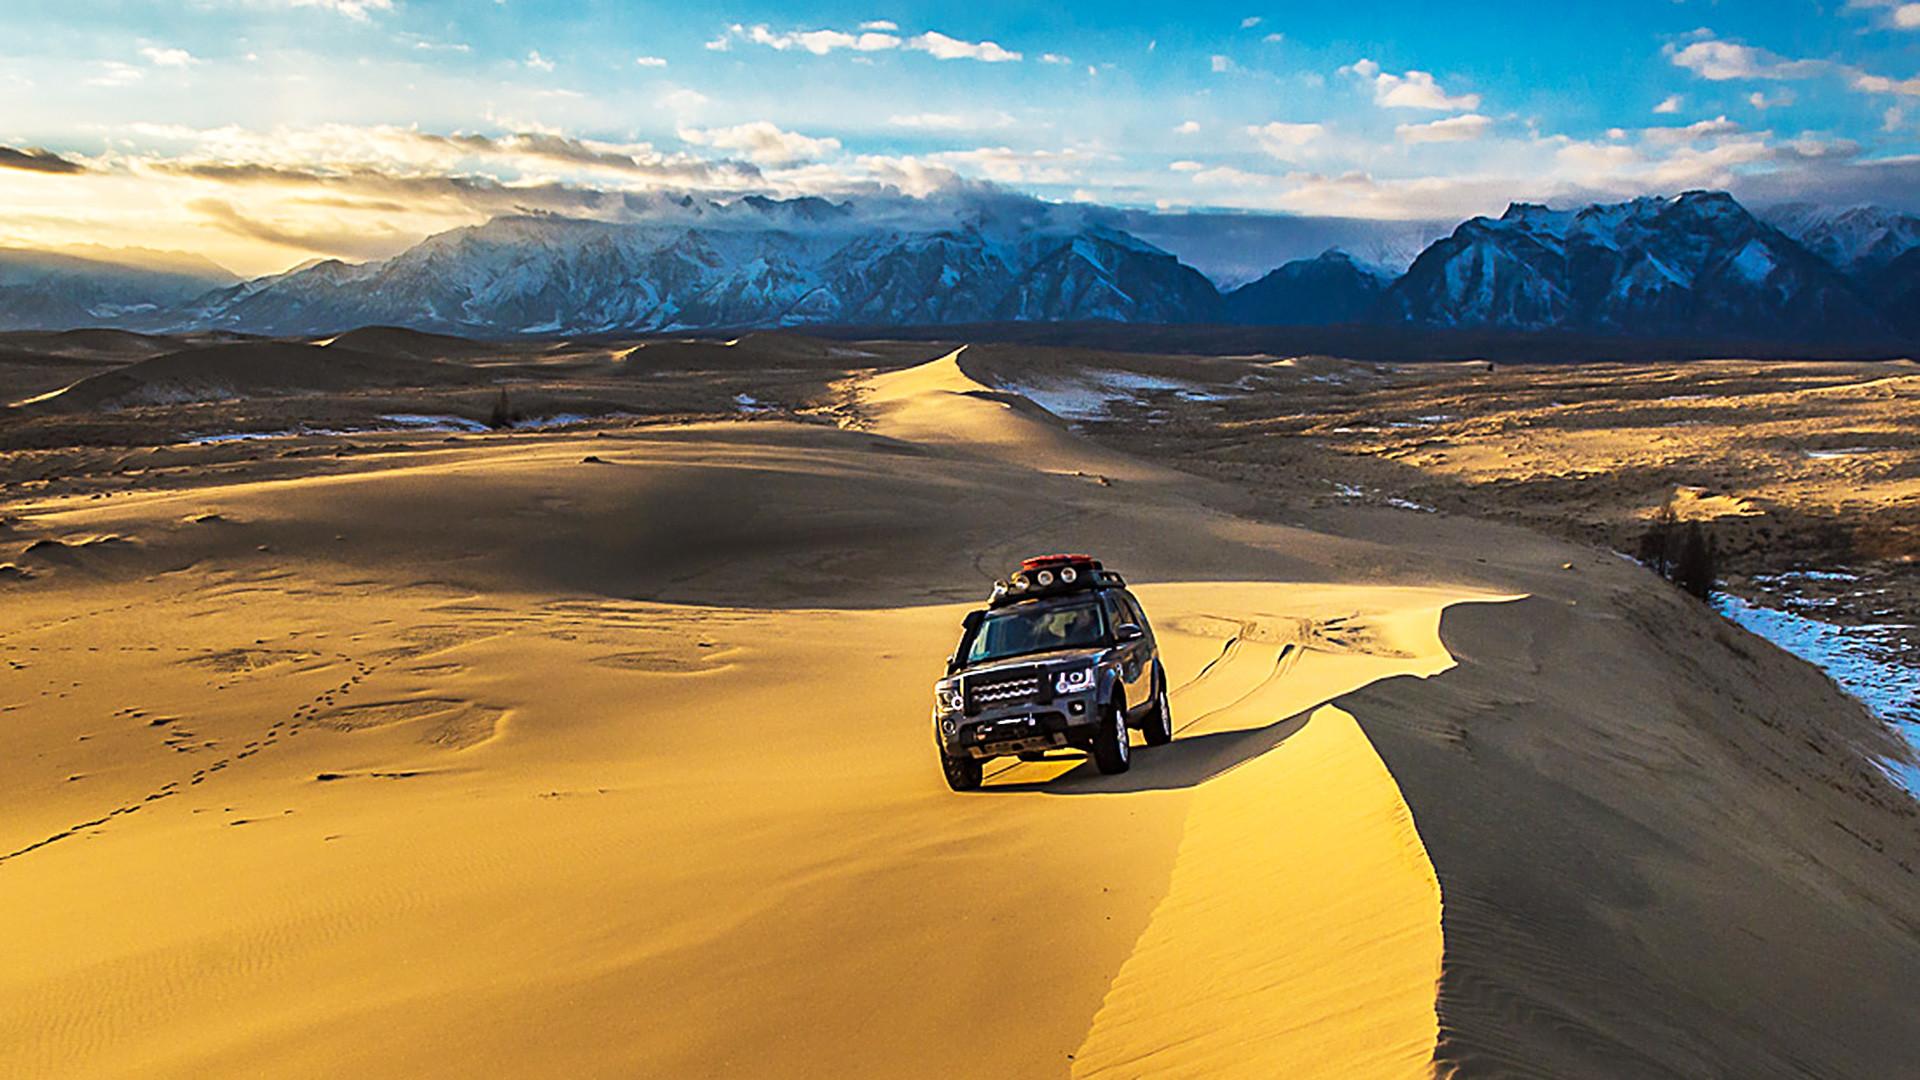 Pesak među jezerima i planinama: Ruska pustinja koja će vas očarati